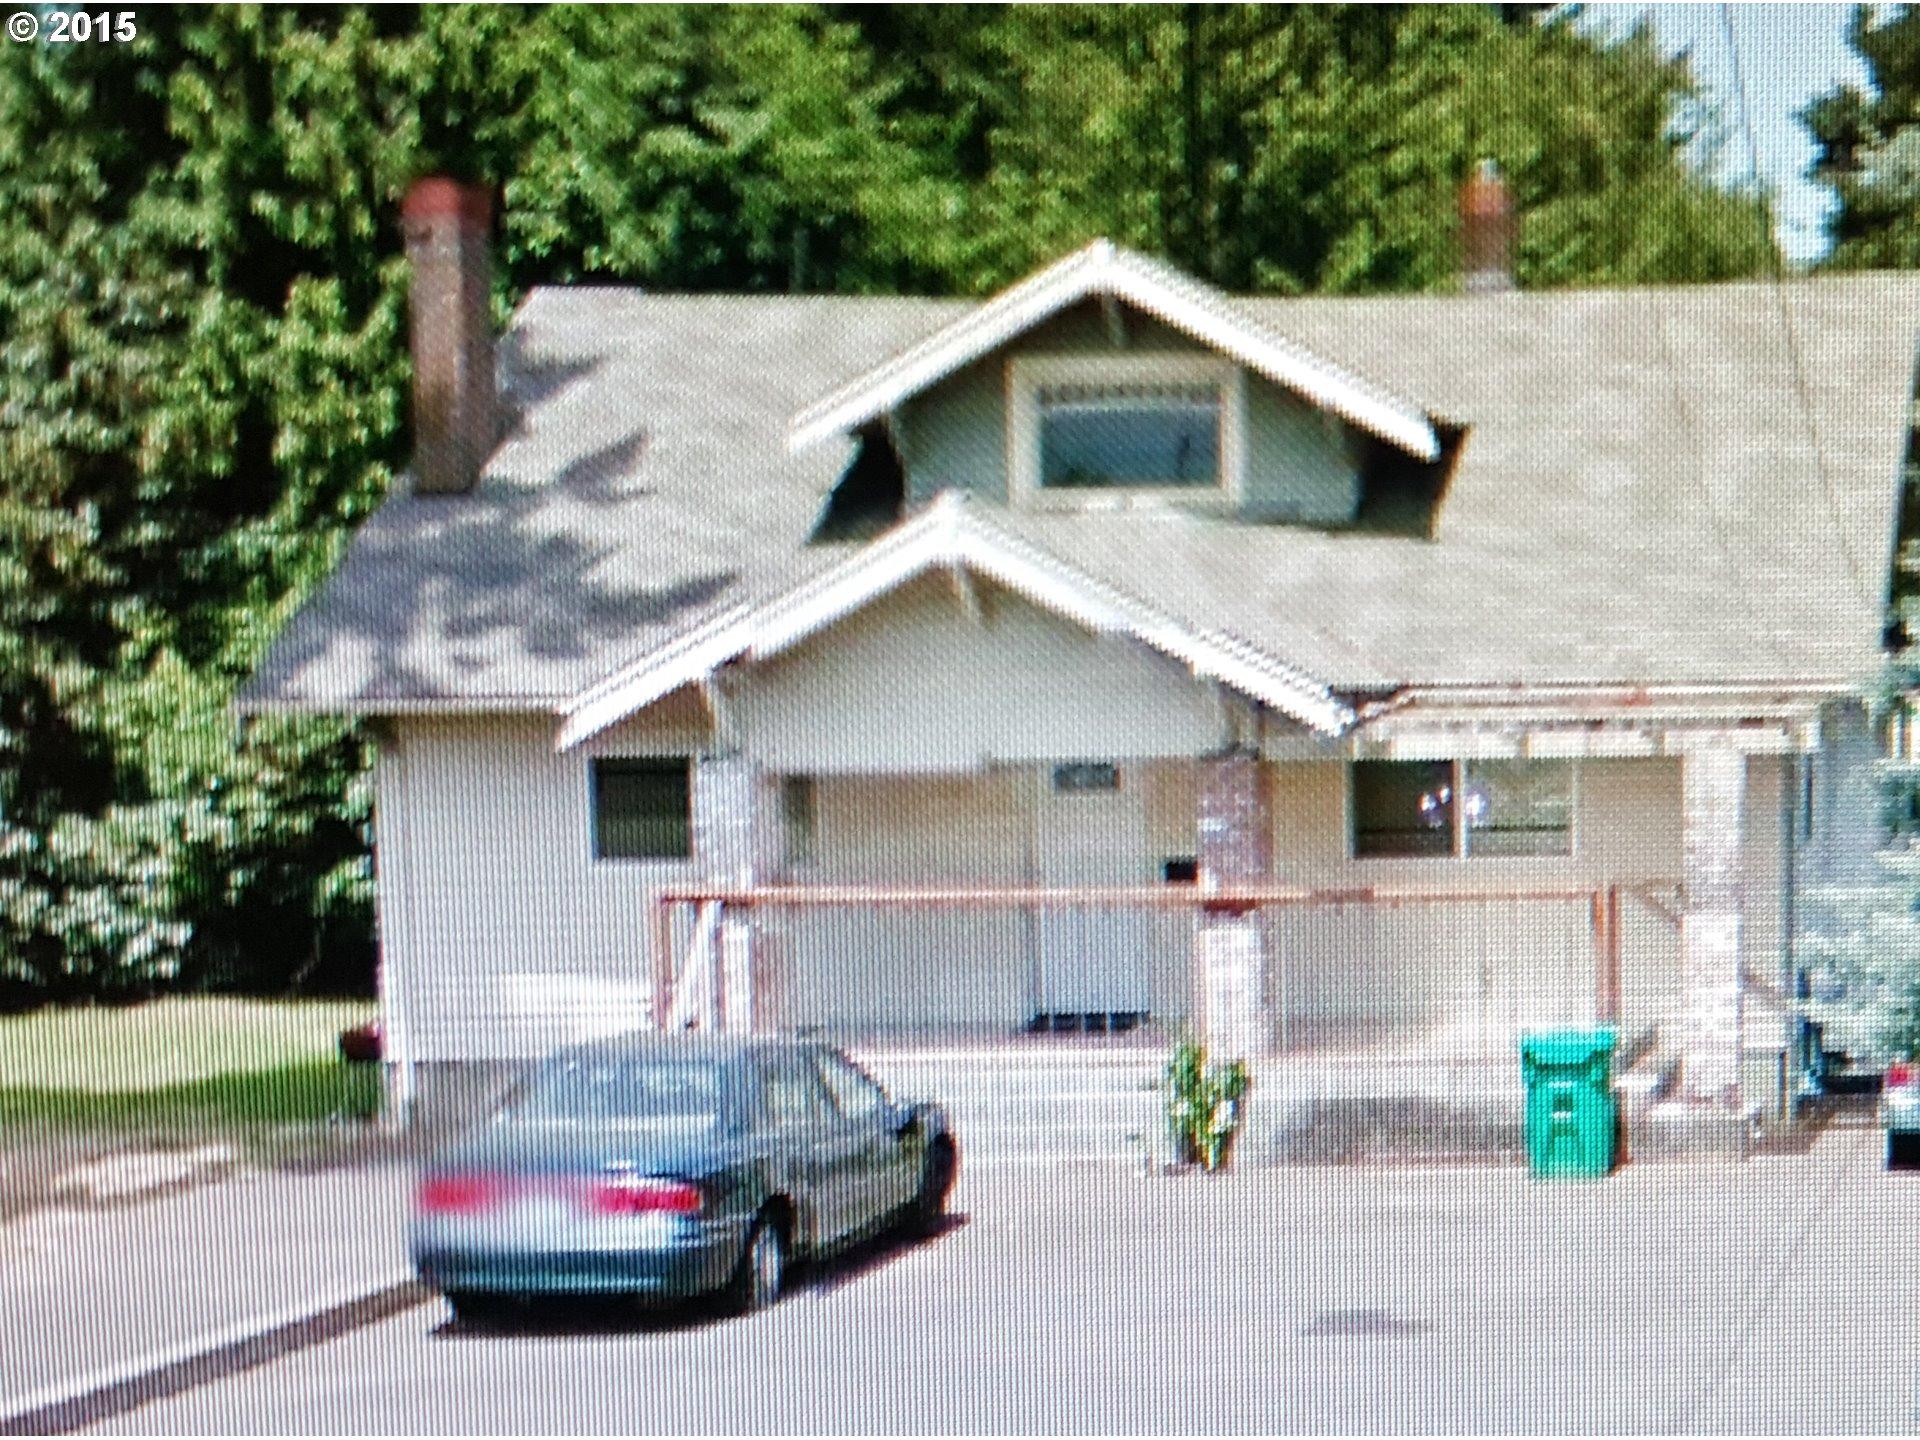 7645 SE Division St, Portland, OR